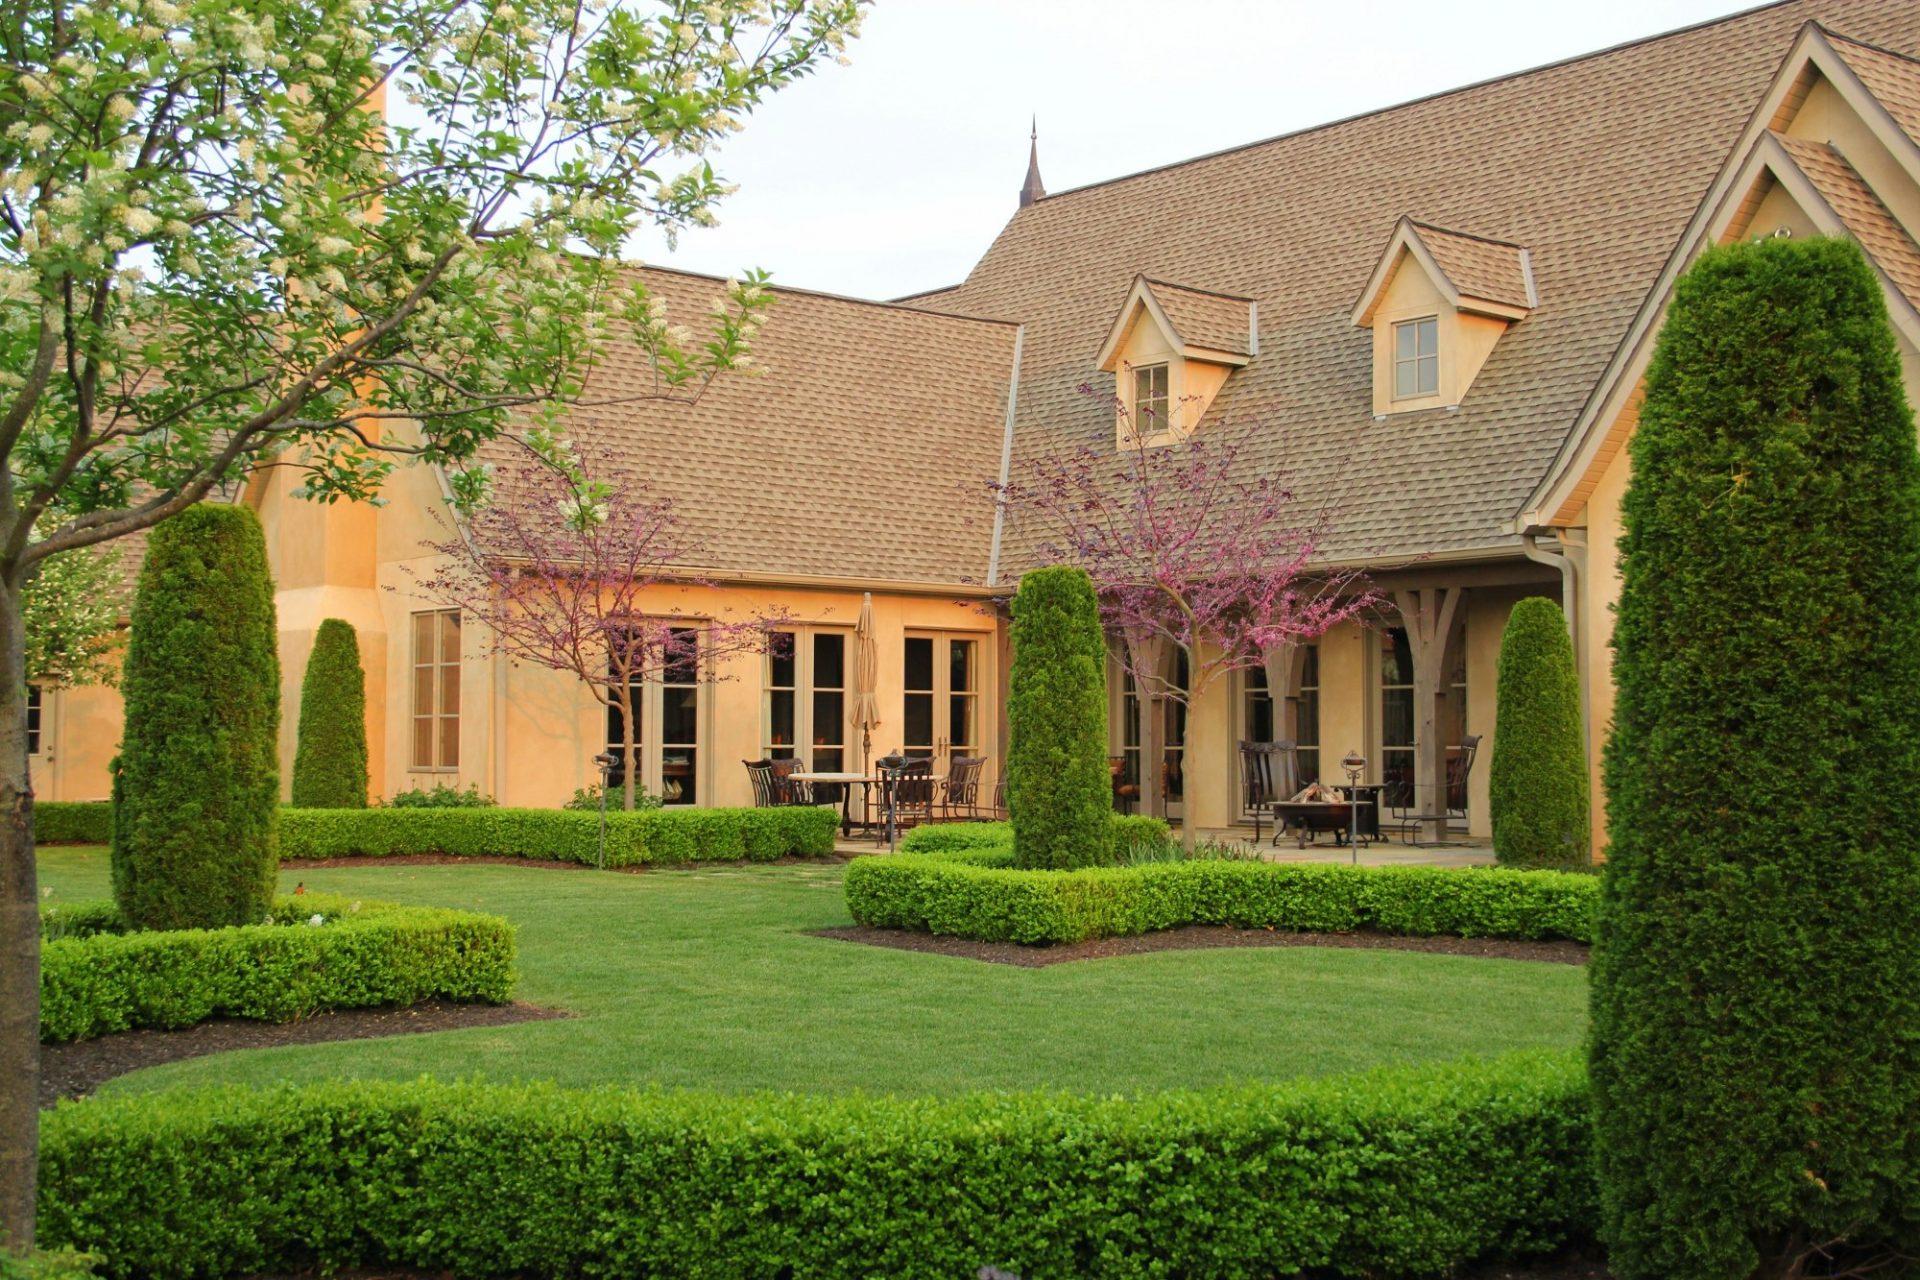 Pinnacle drive garden view garden design architecture arkansas missouri